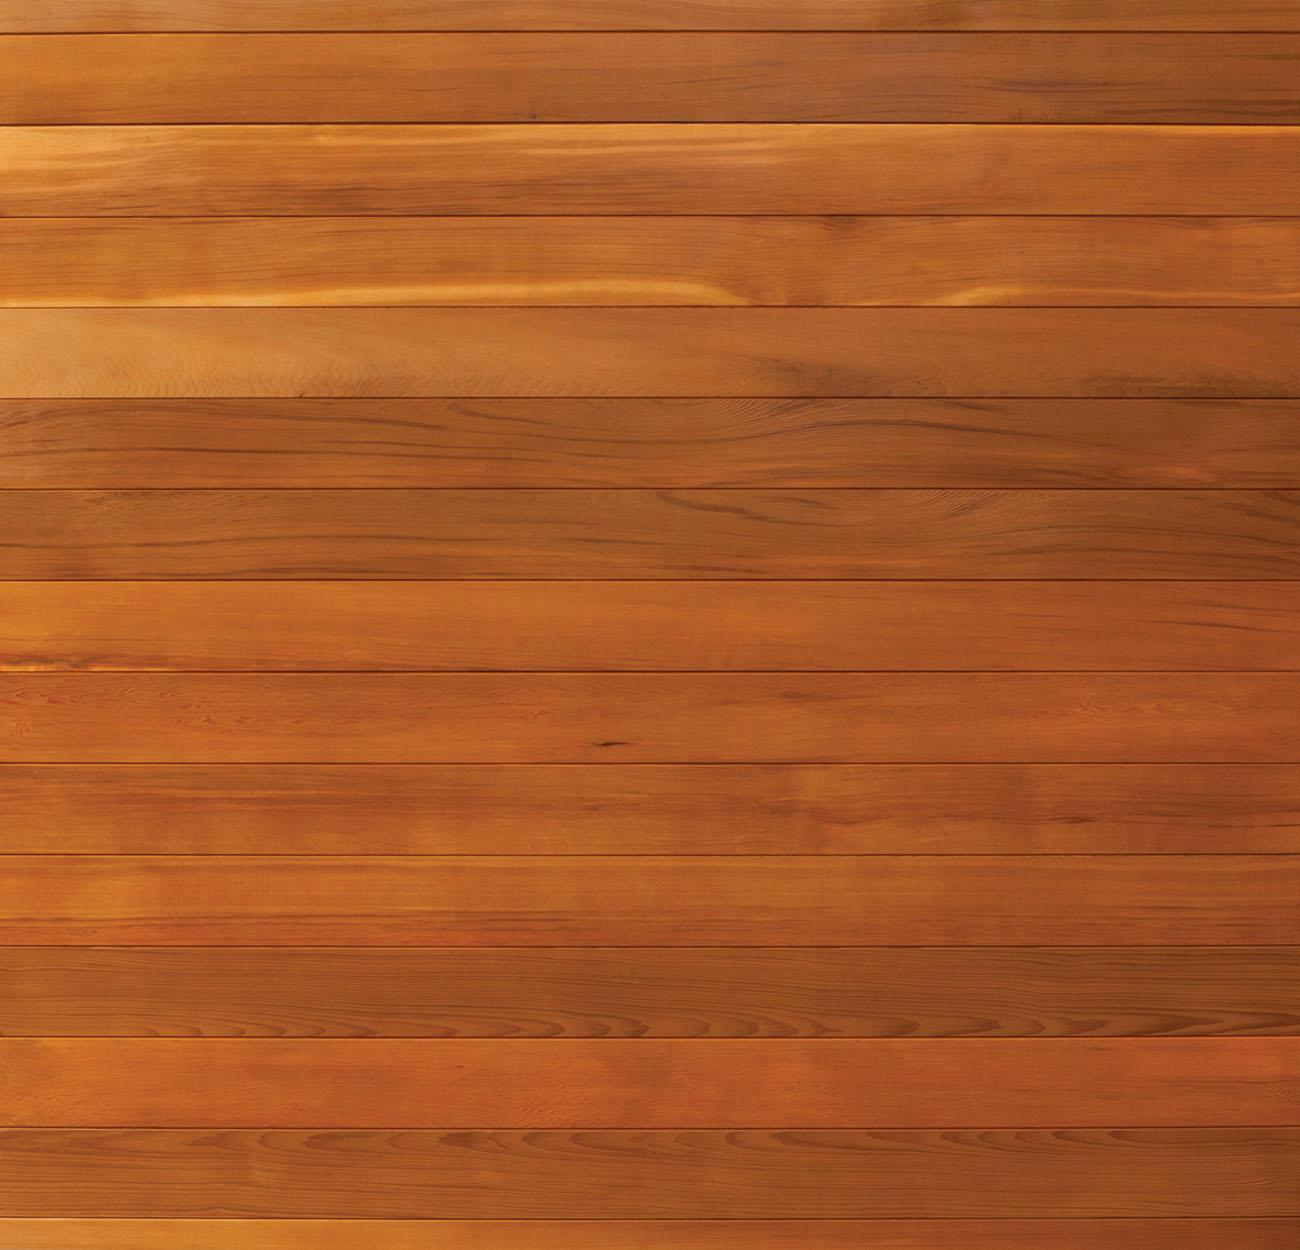 Wendover panel-built